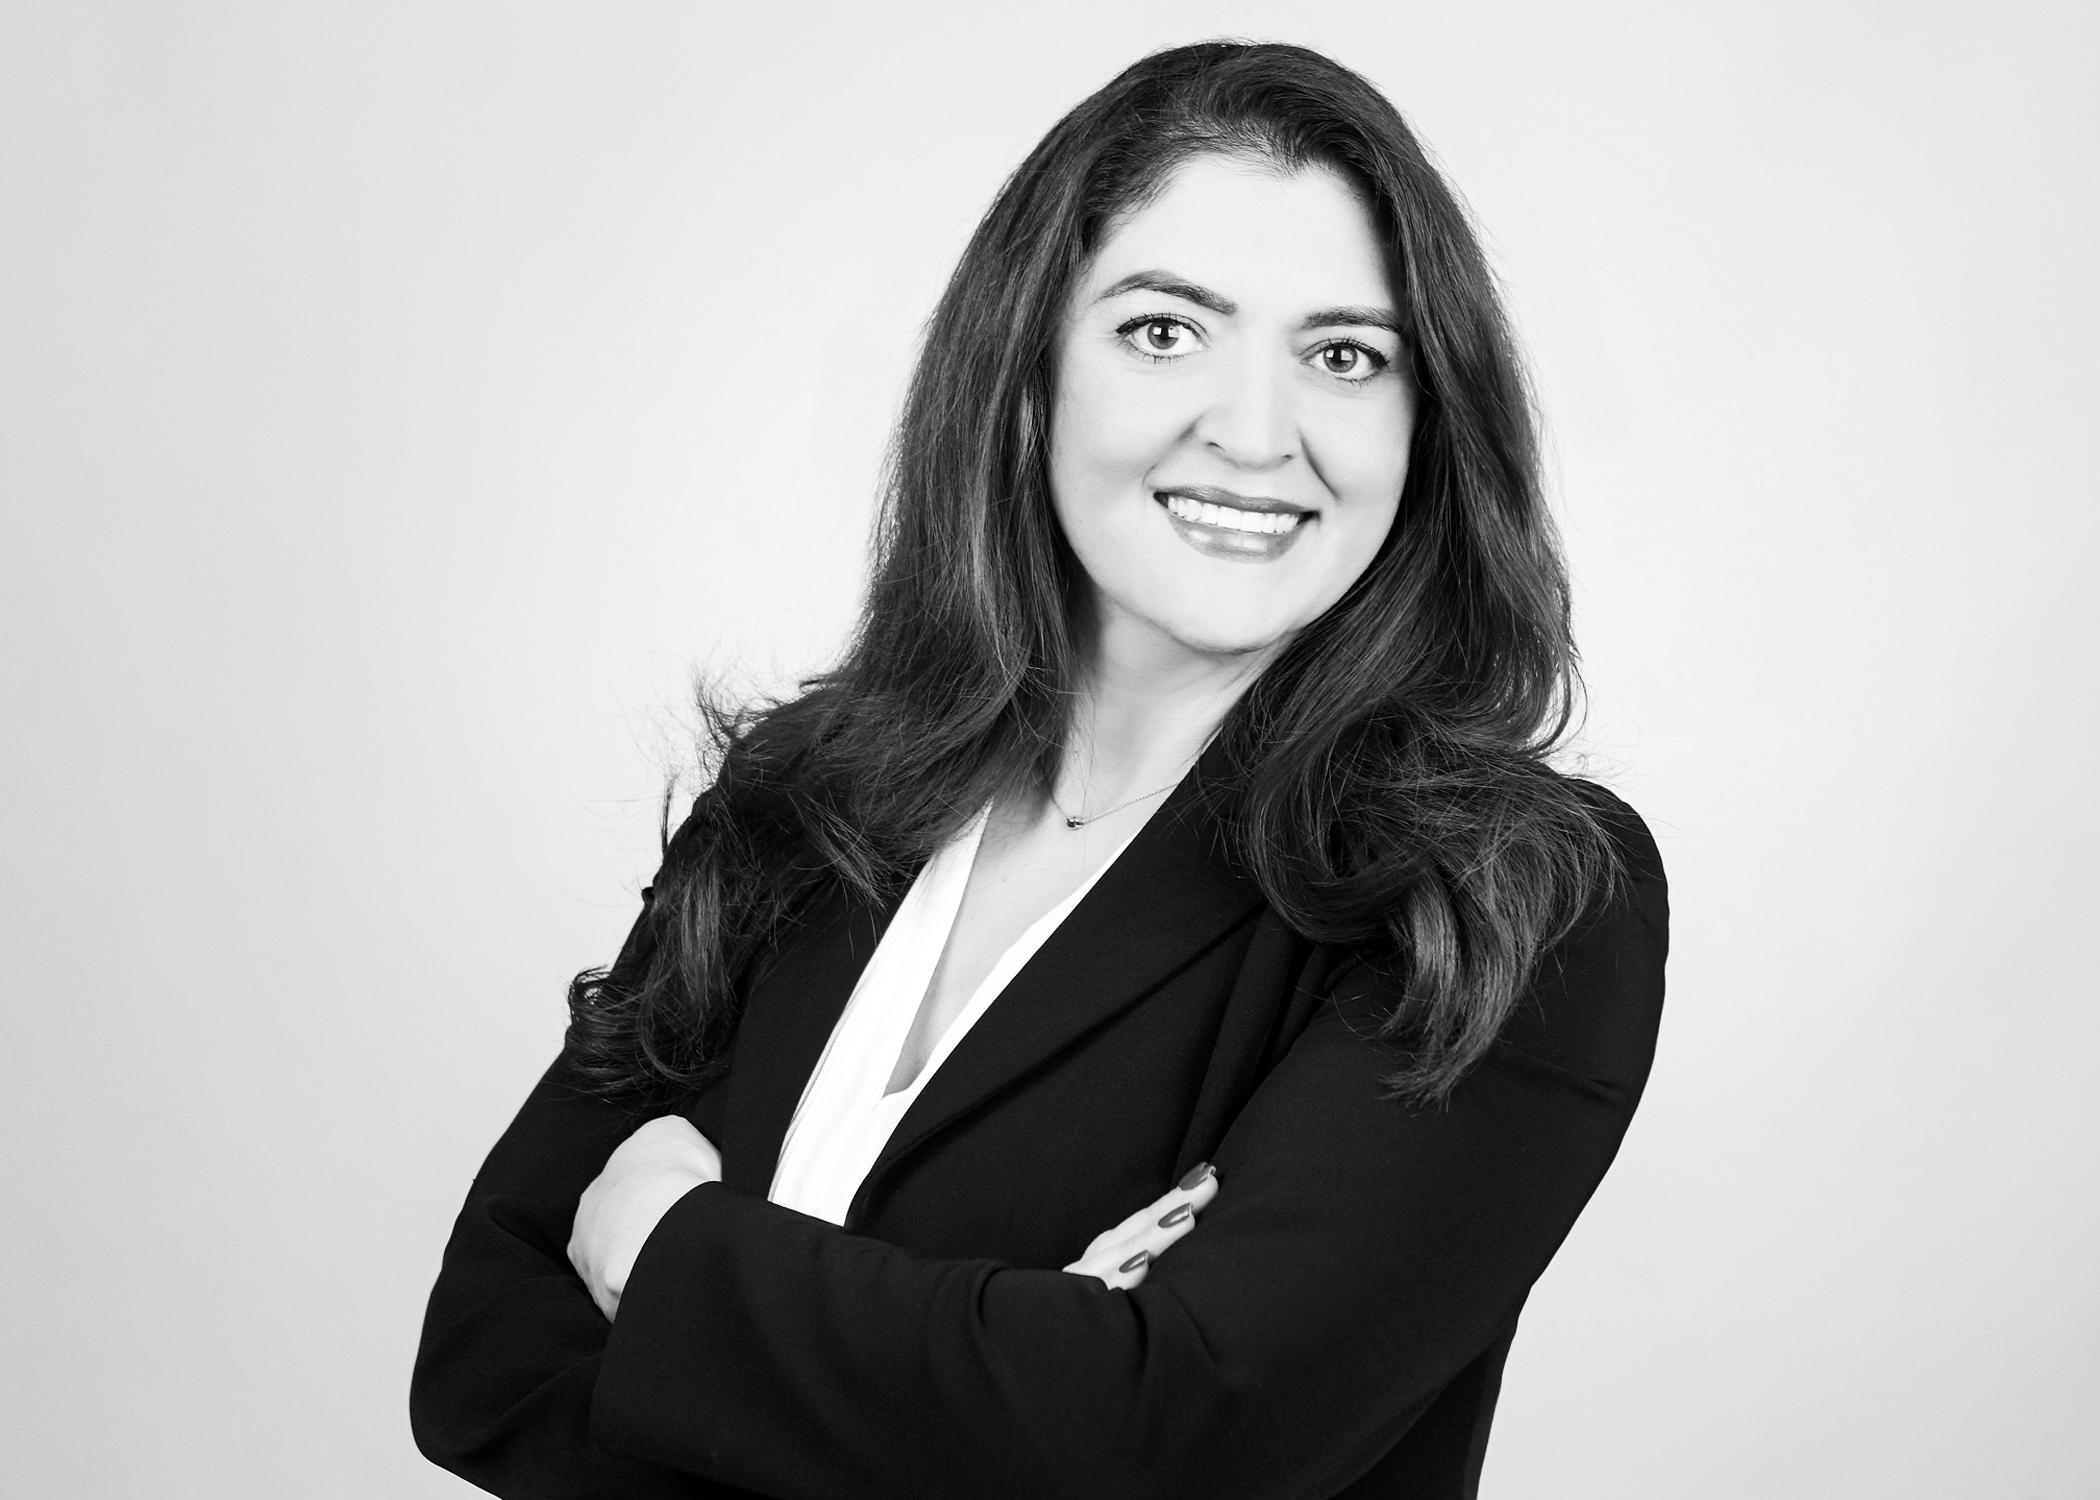 Maryam Krehan